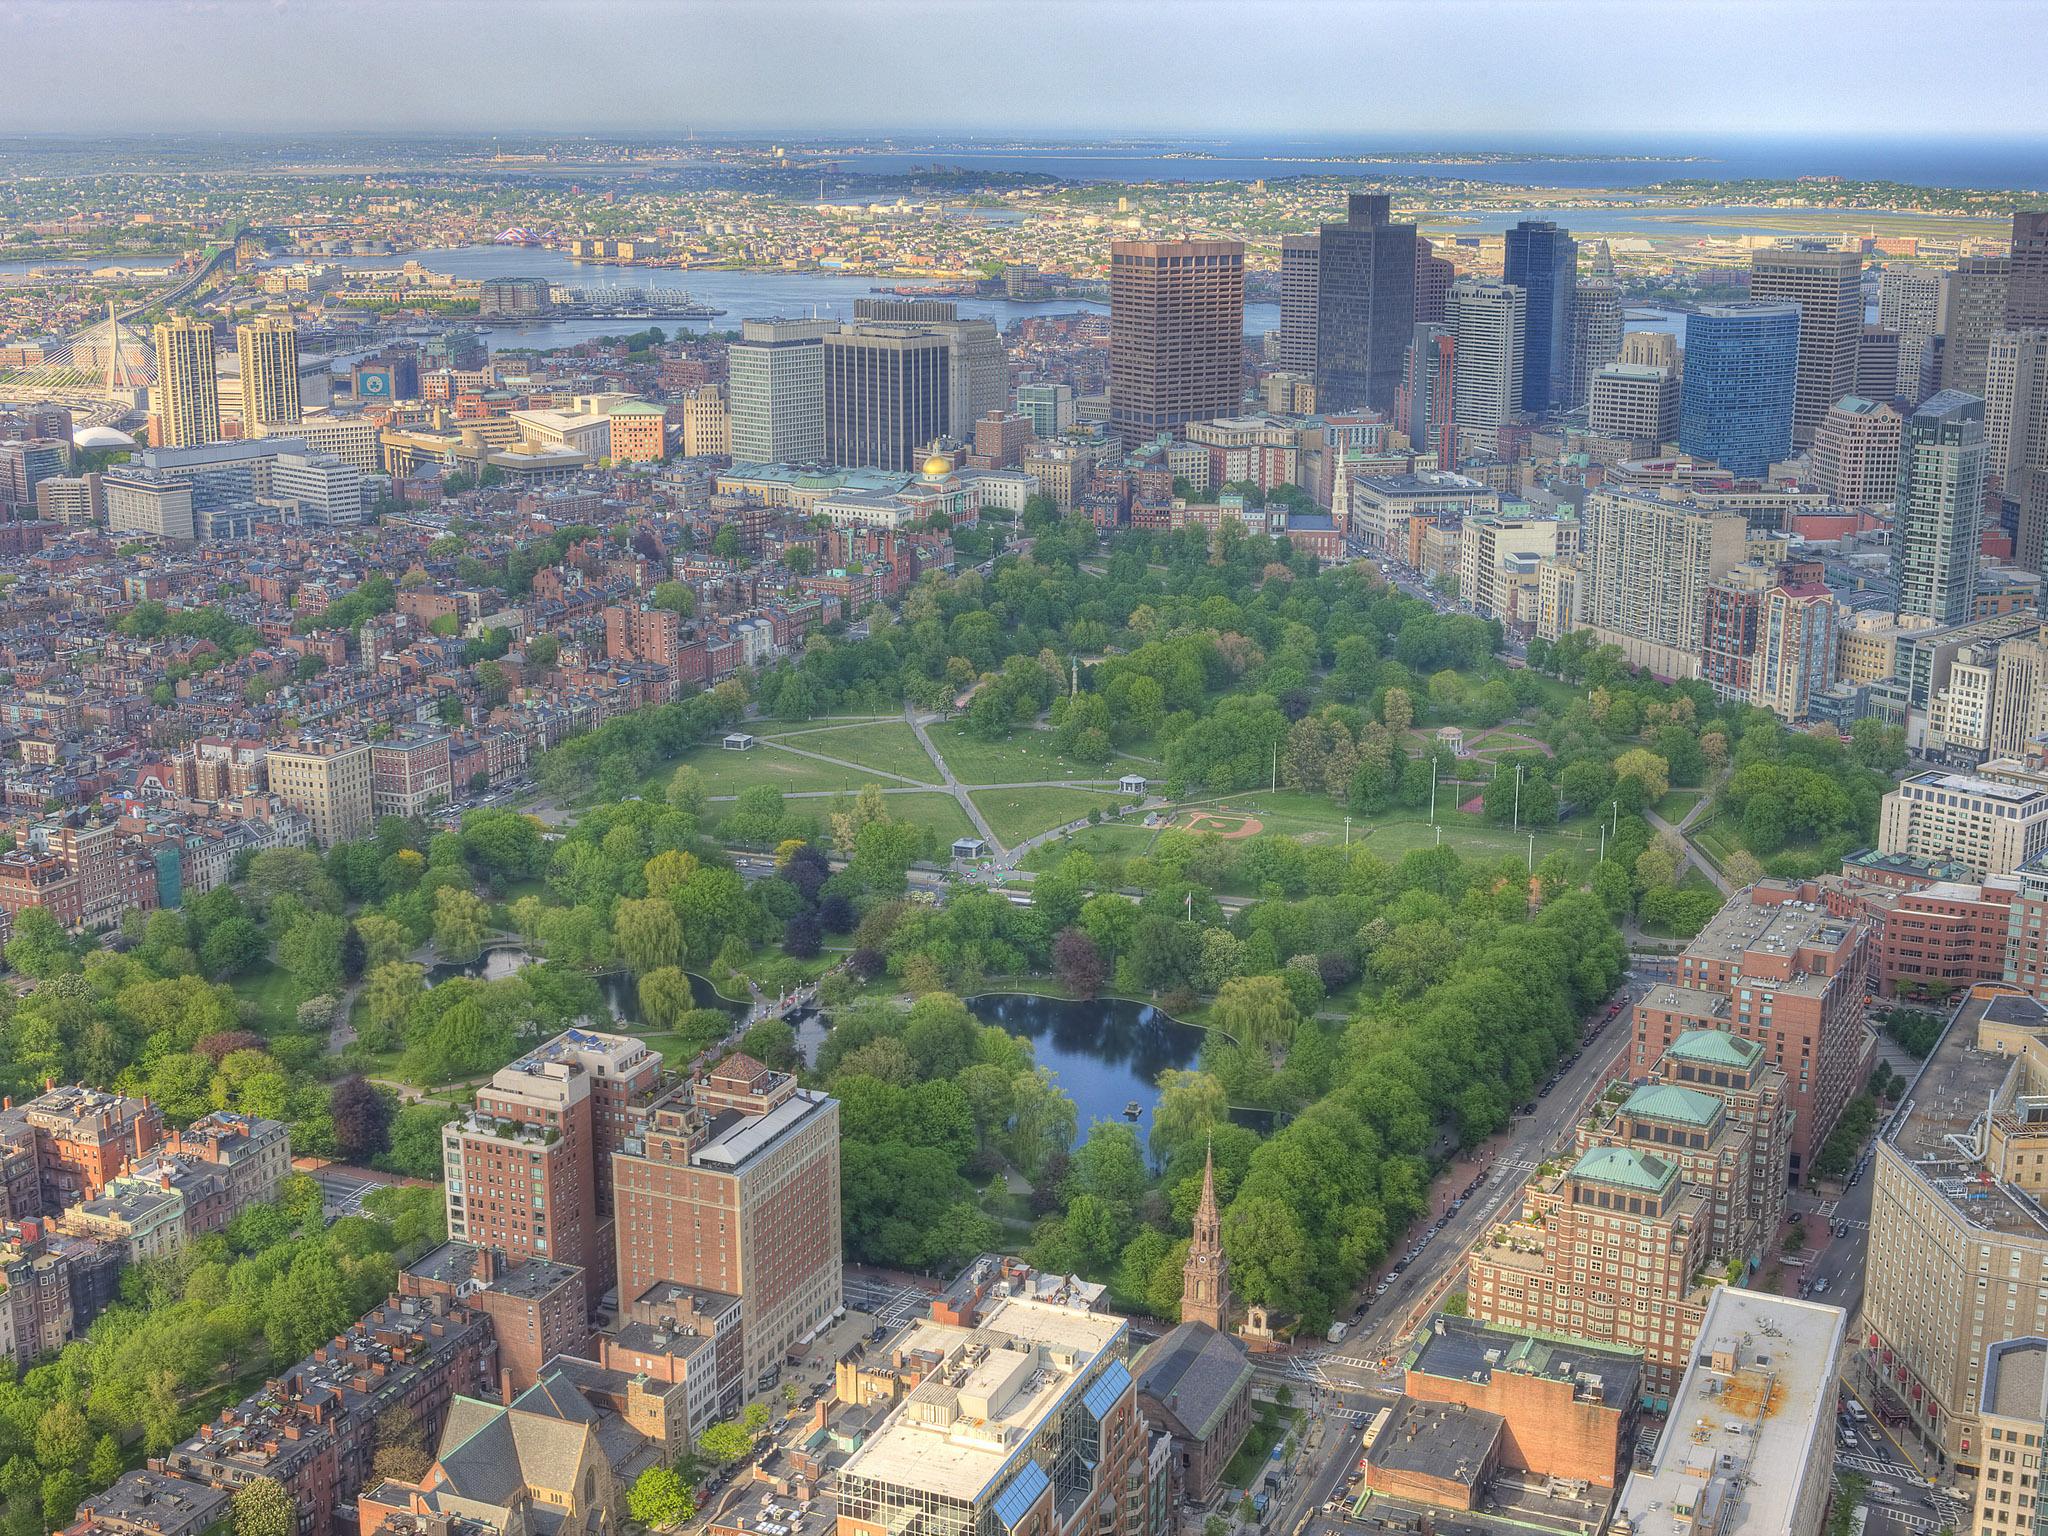 Luxury hotel in boston taj hotels - Hotels near boston public garden ...